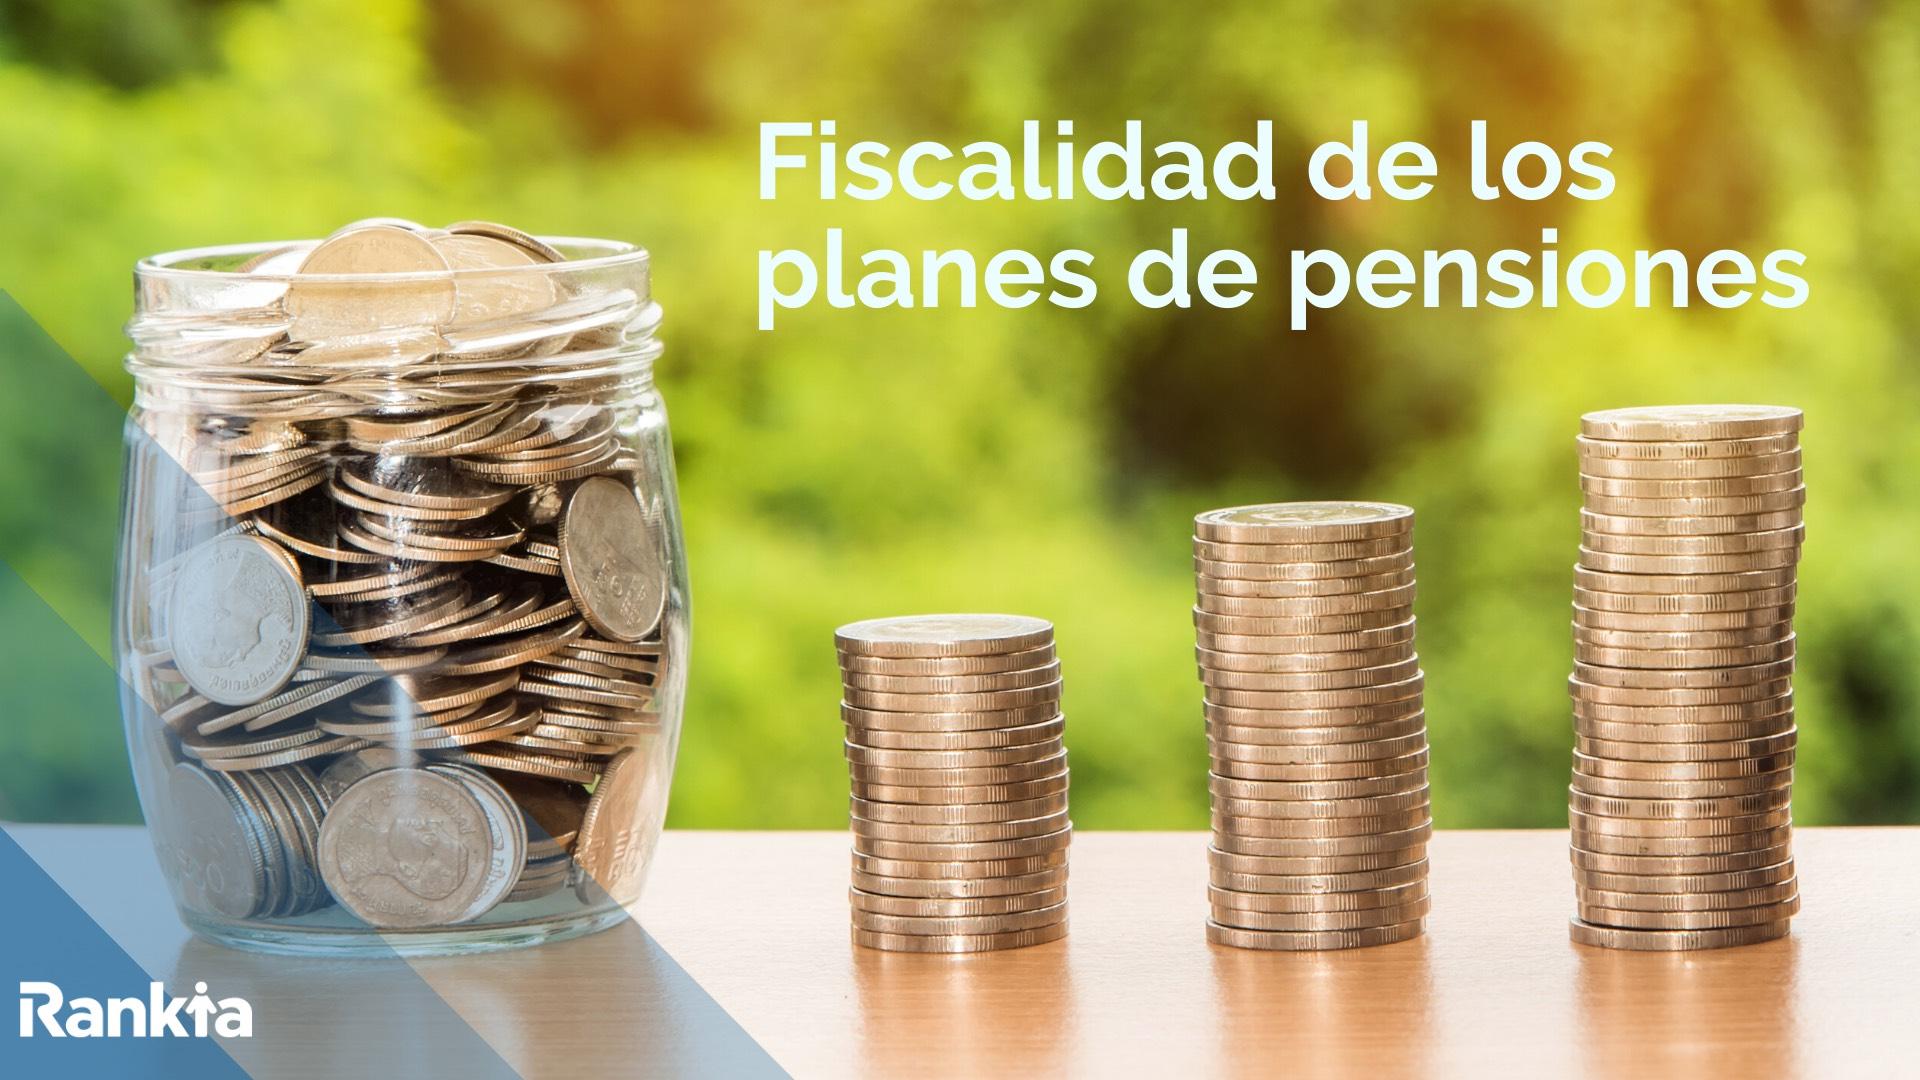 Fiscalidad Planes de Pensiones 2020